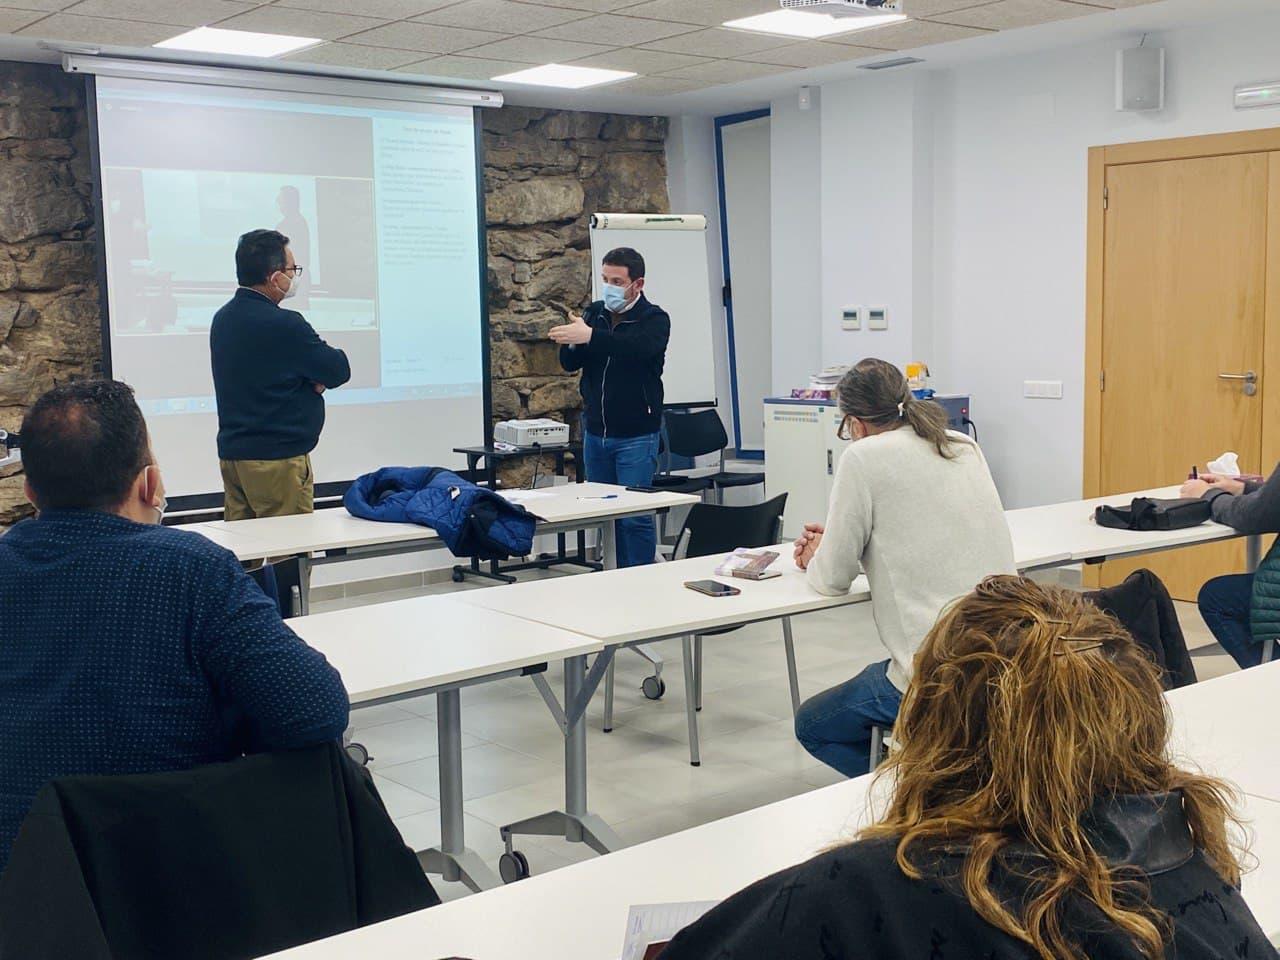 Garcia presenta el proyecto de recogida selectiva puerta a puerta de la Diputació de Castelló a los ediles del interior